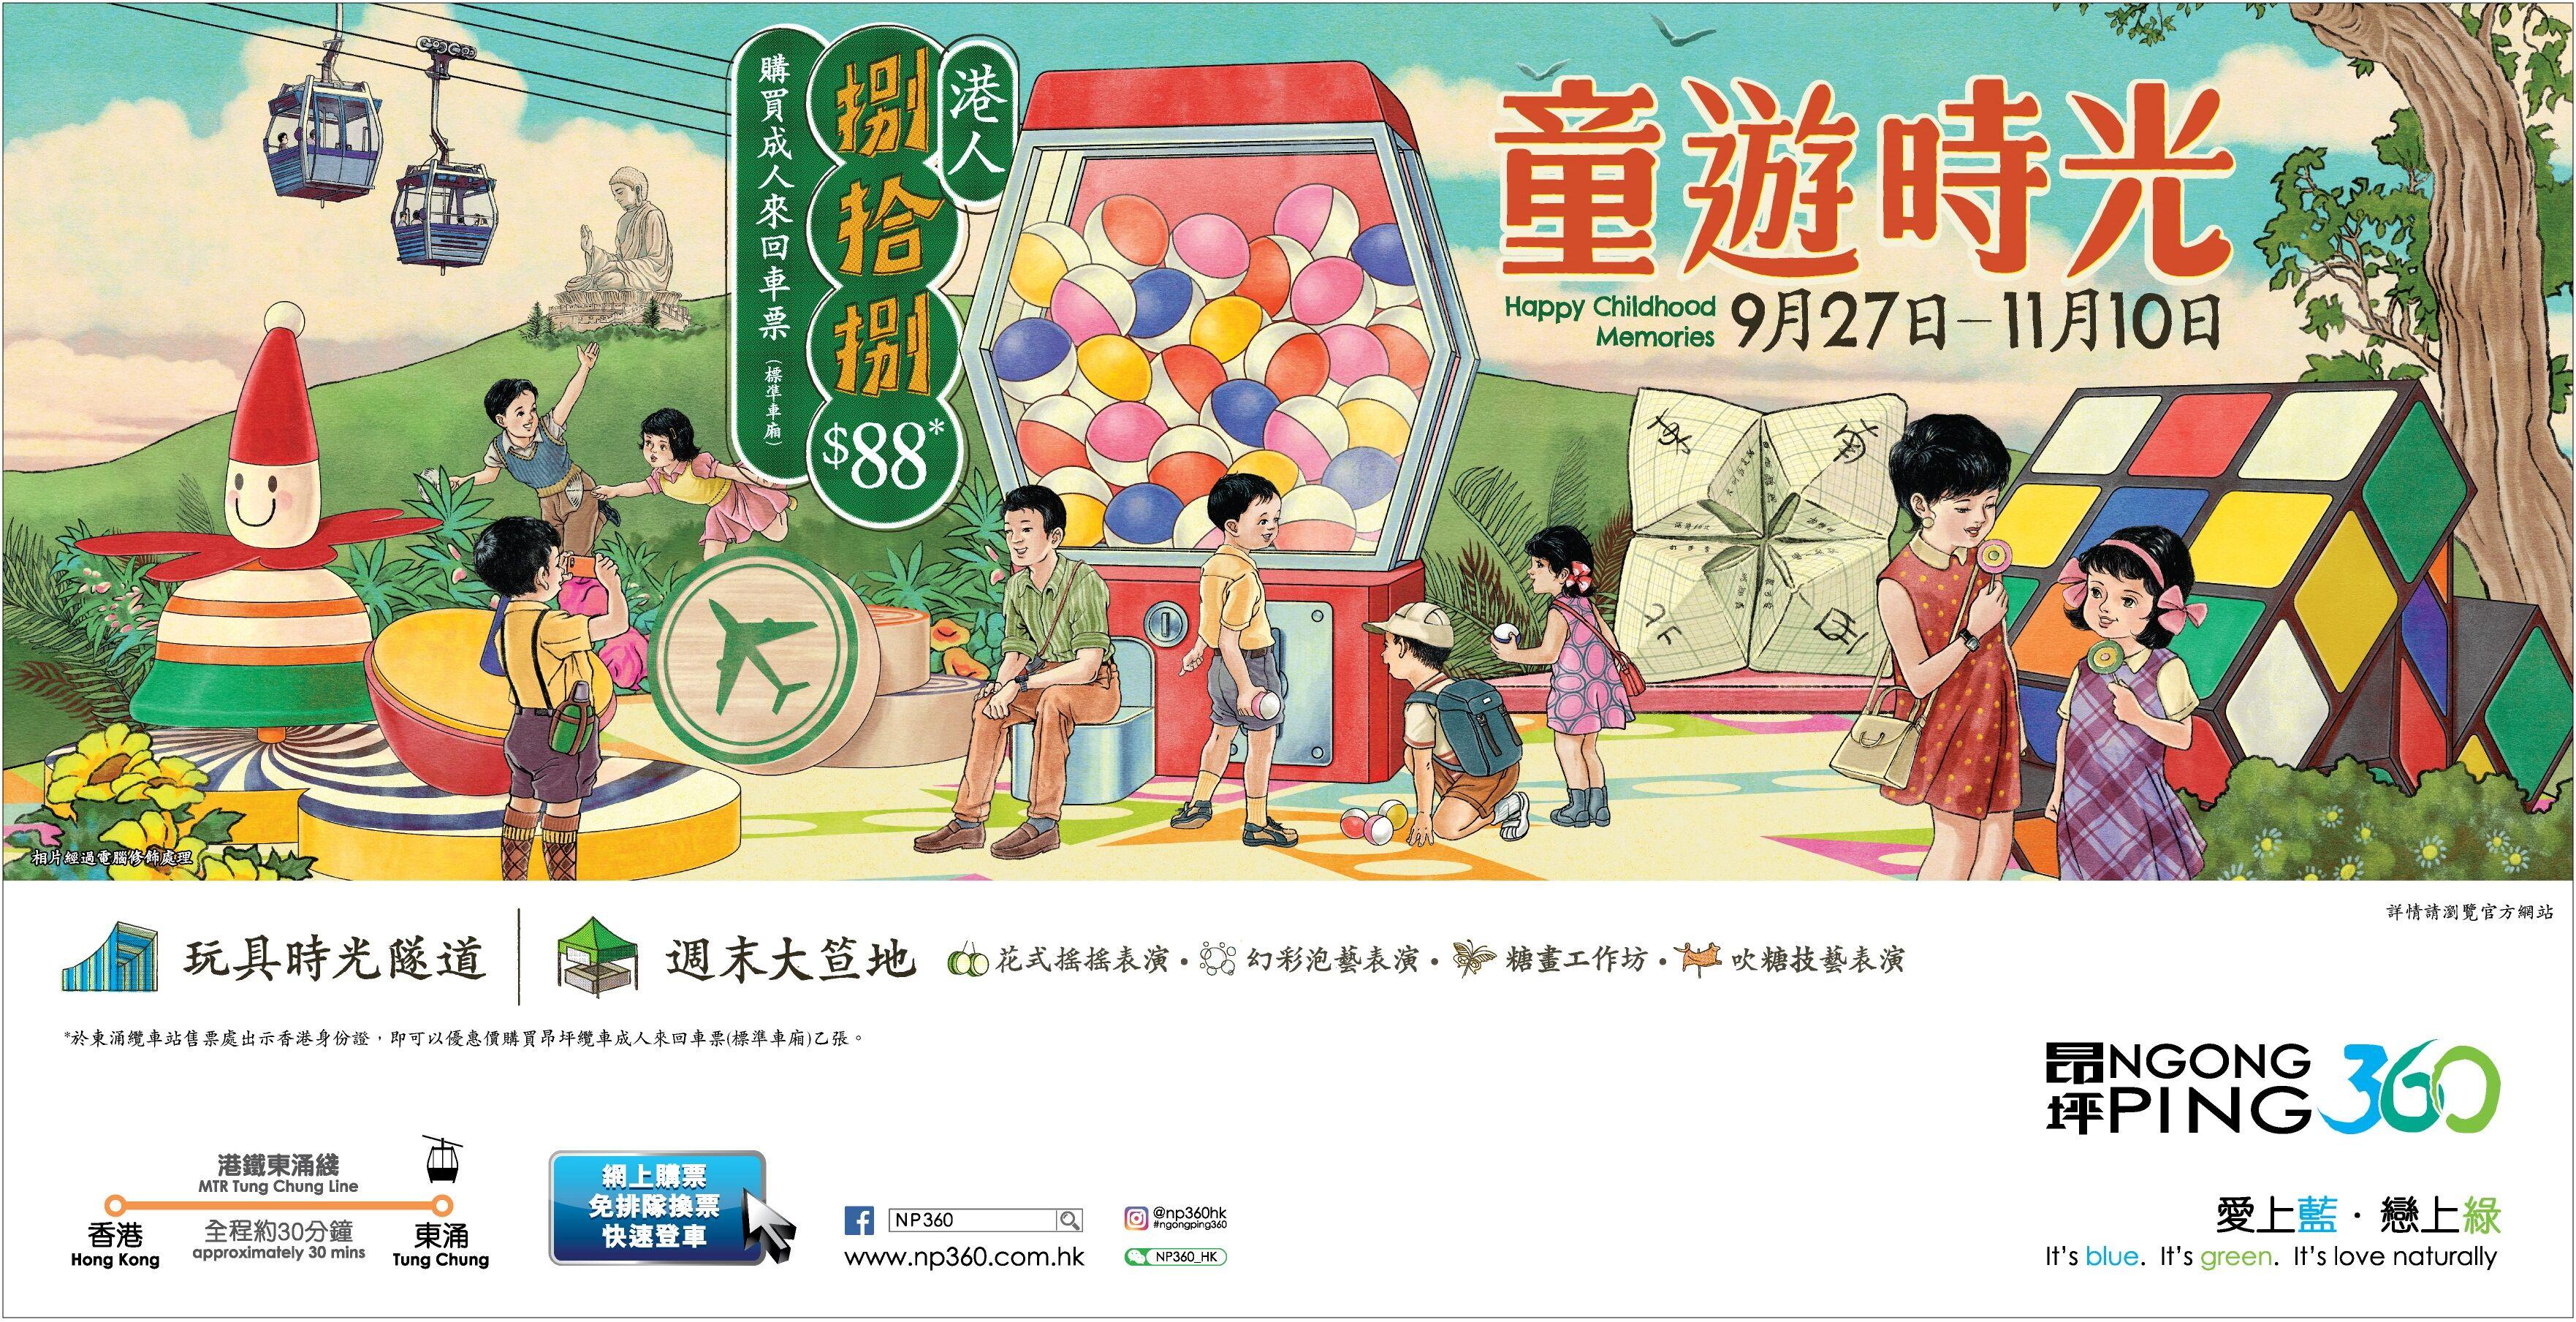 【维港会】昂坪360「童游时光」展览大玩怀旧 送出两万个扭蛋